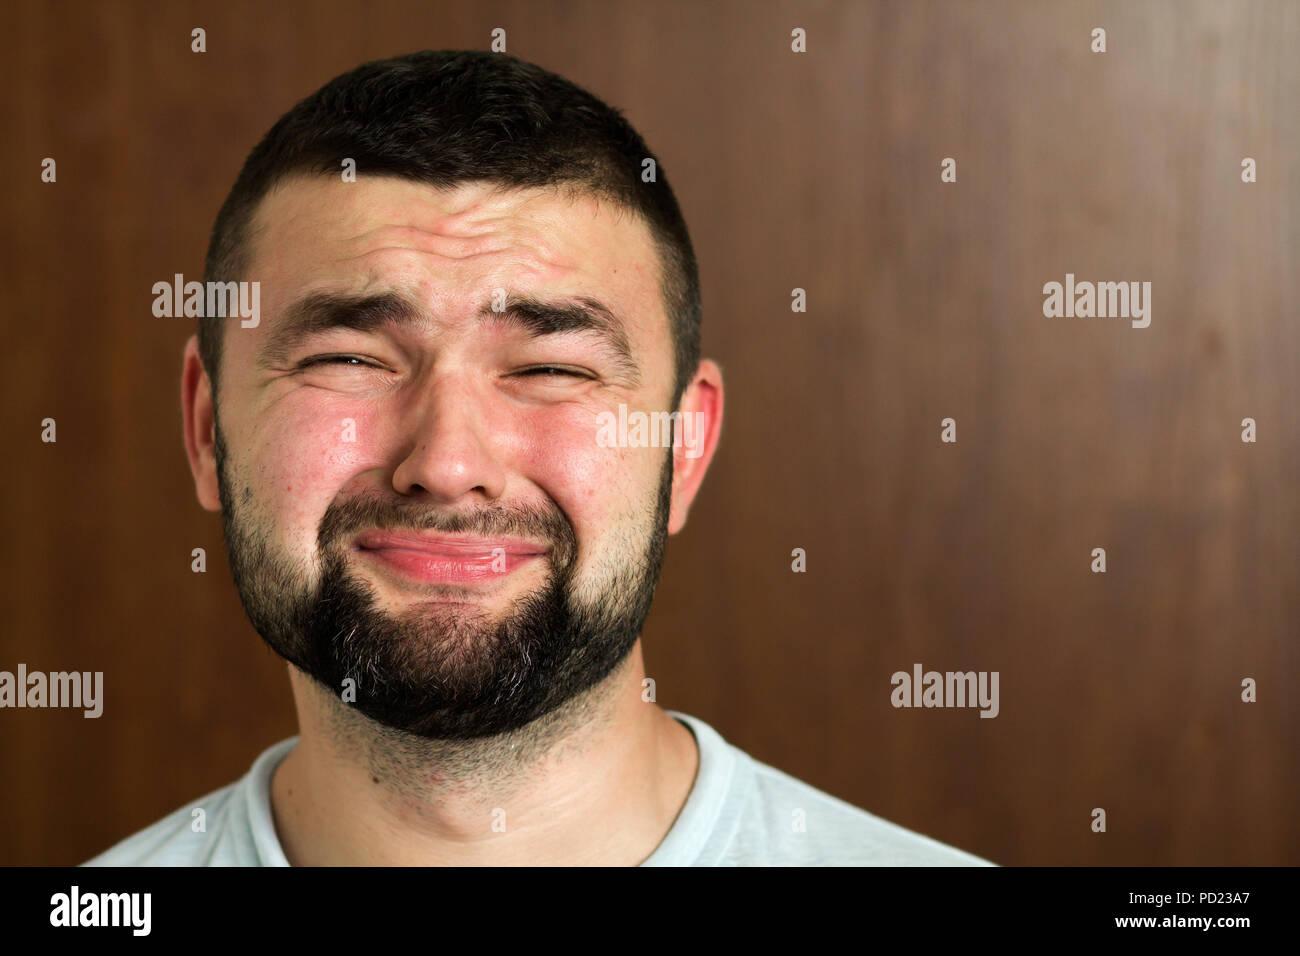 Ritratto di bello barbuto dai capelli neri moderno intelligente giovane in  bicchieri con taglio di capelli corti e tipo occhi neri sorridente su sfondo  ... f184d566256d